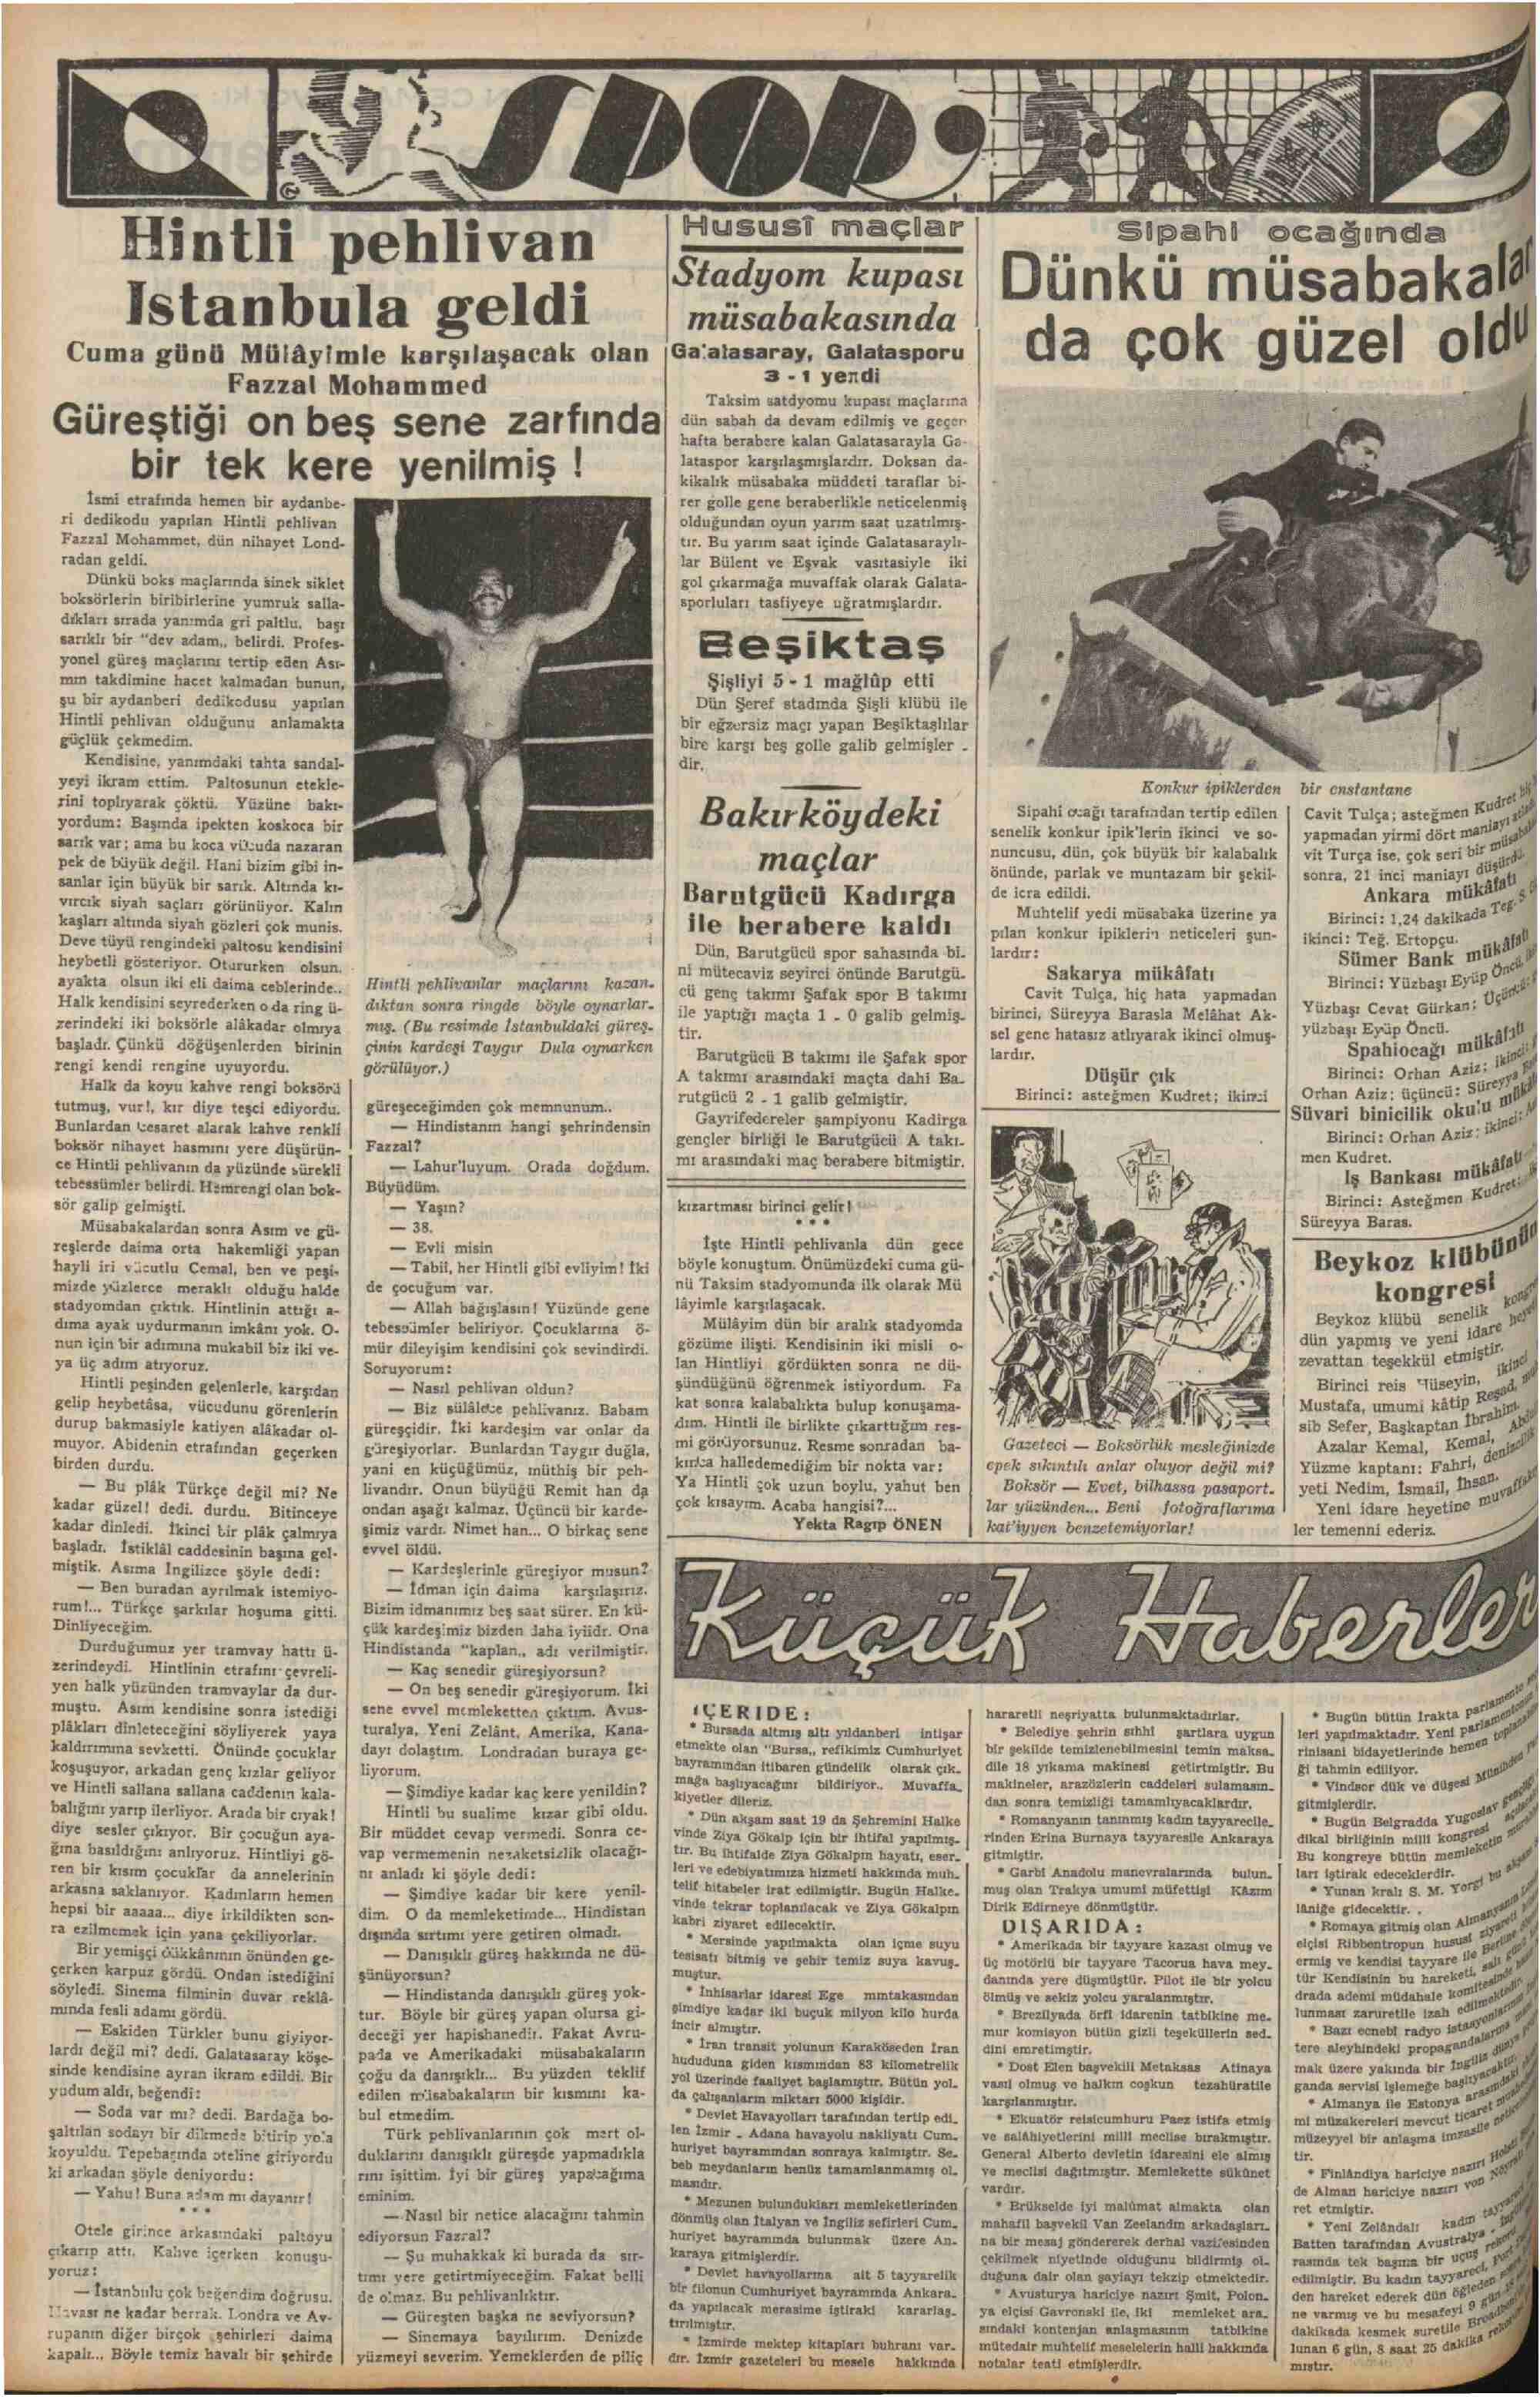 25 Ekim 1937 Tarihli Haber Dergisi Sayfa 6